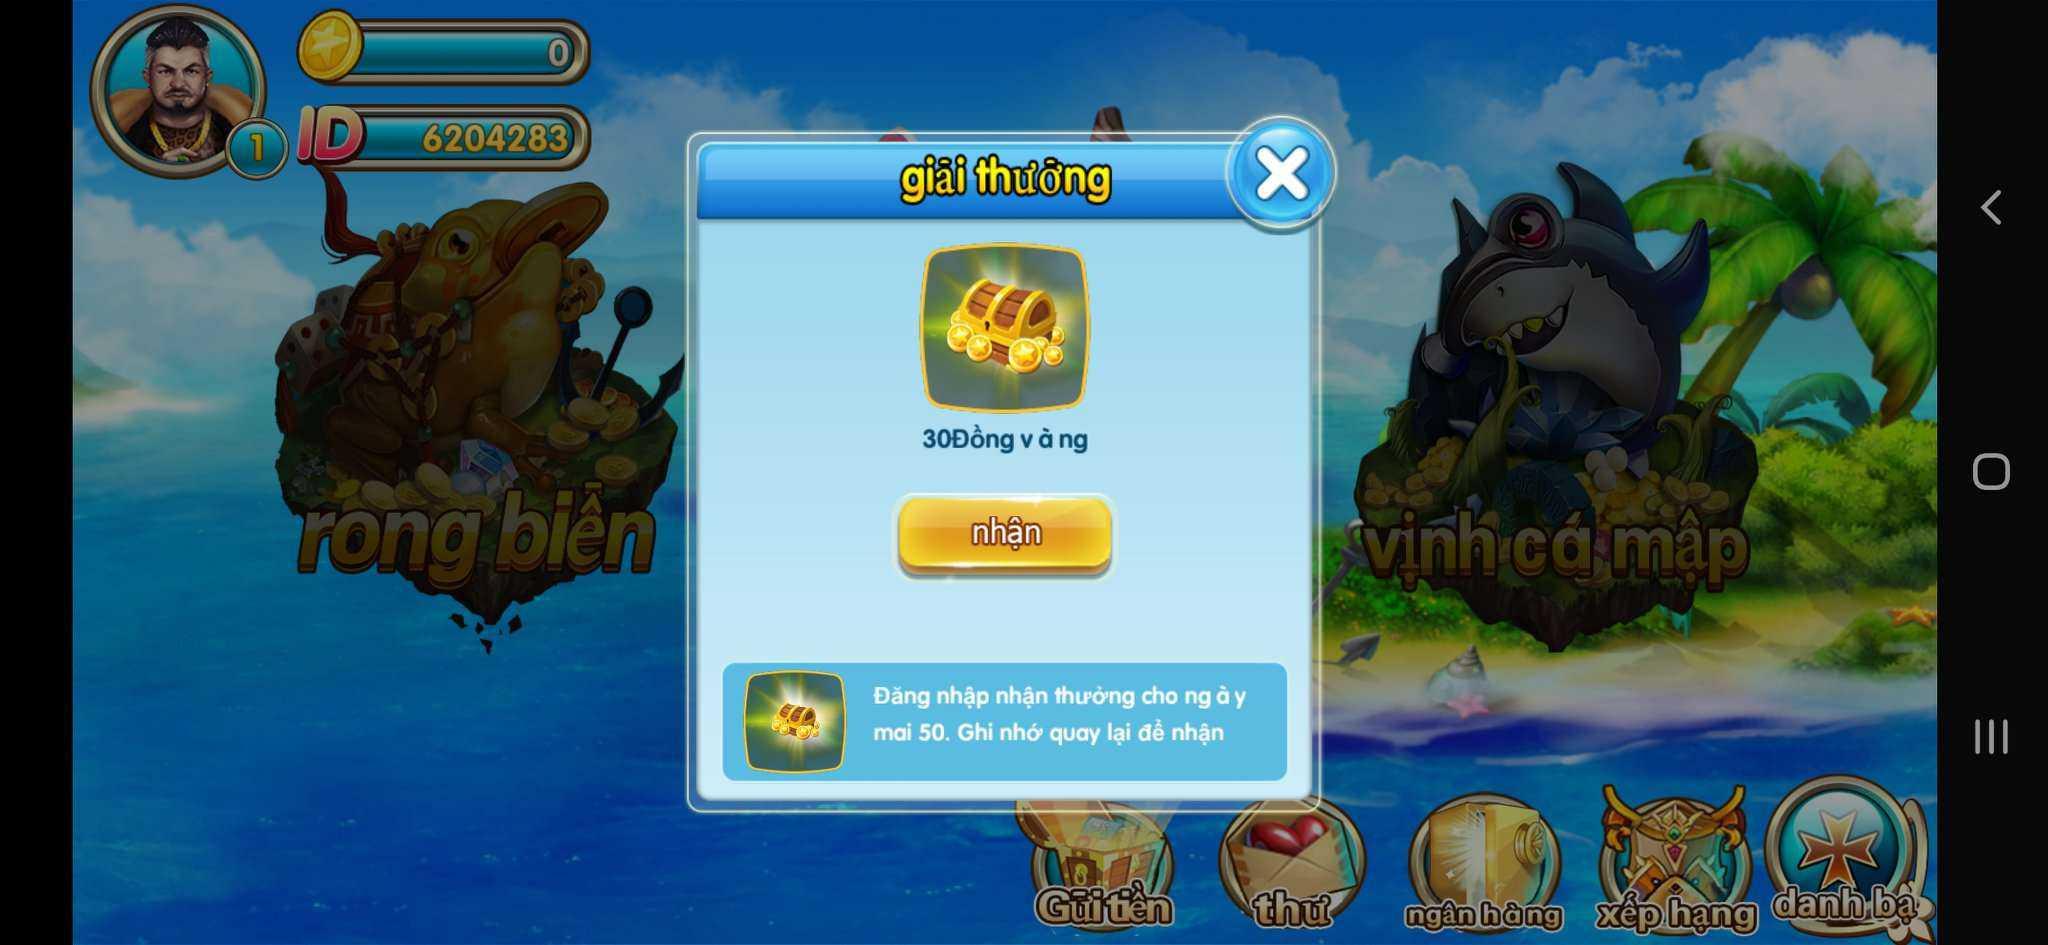 Hướng dẫn chơi game bắn cá W88 đổi thưởng trên điện thoại